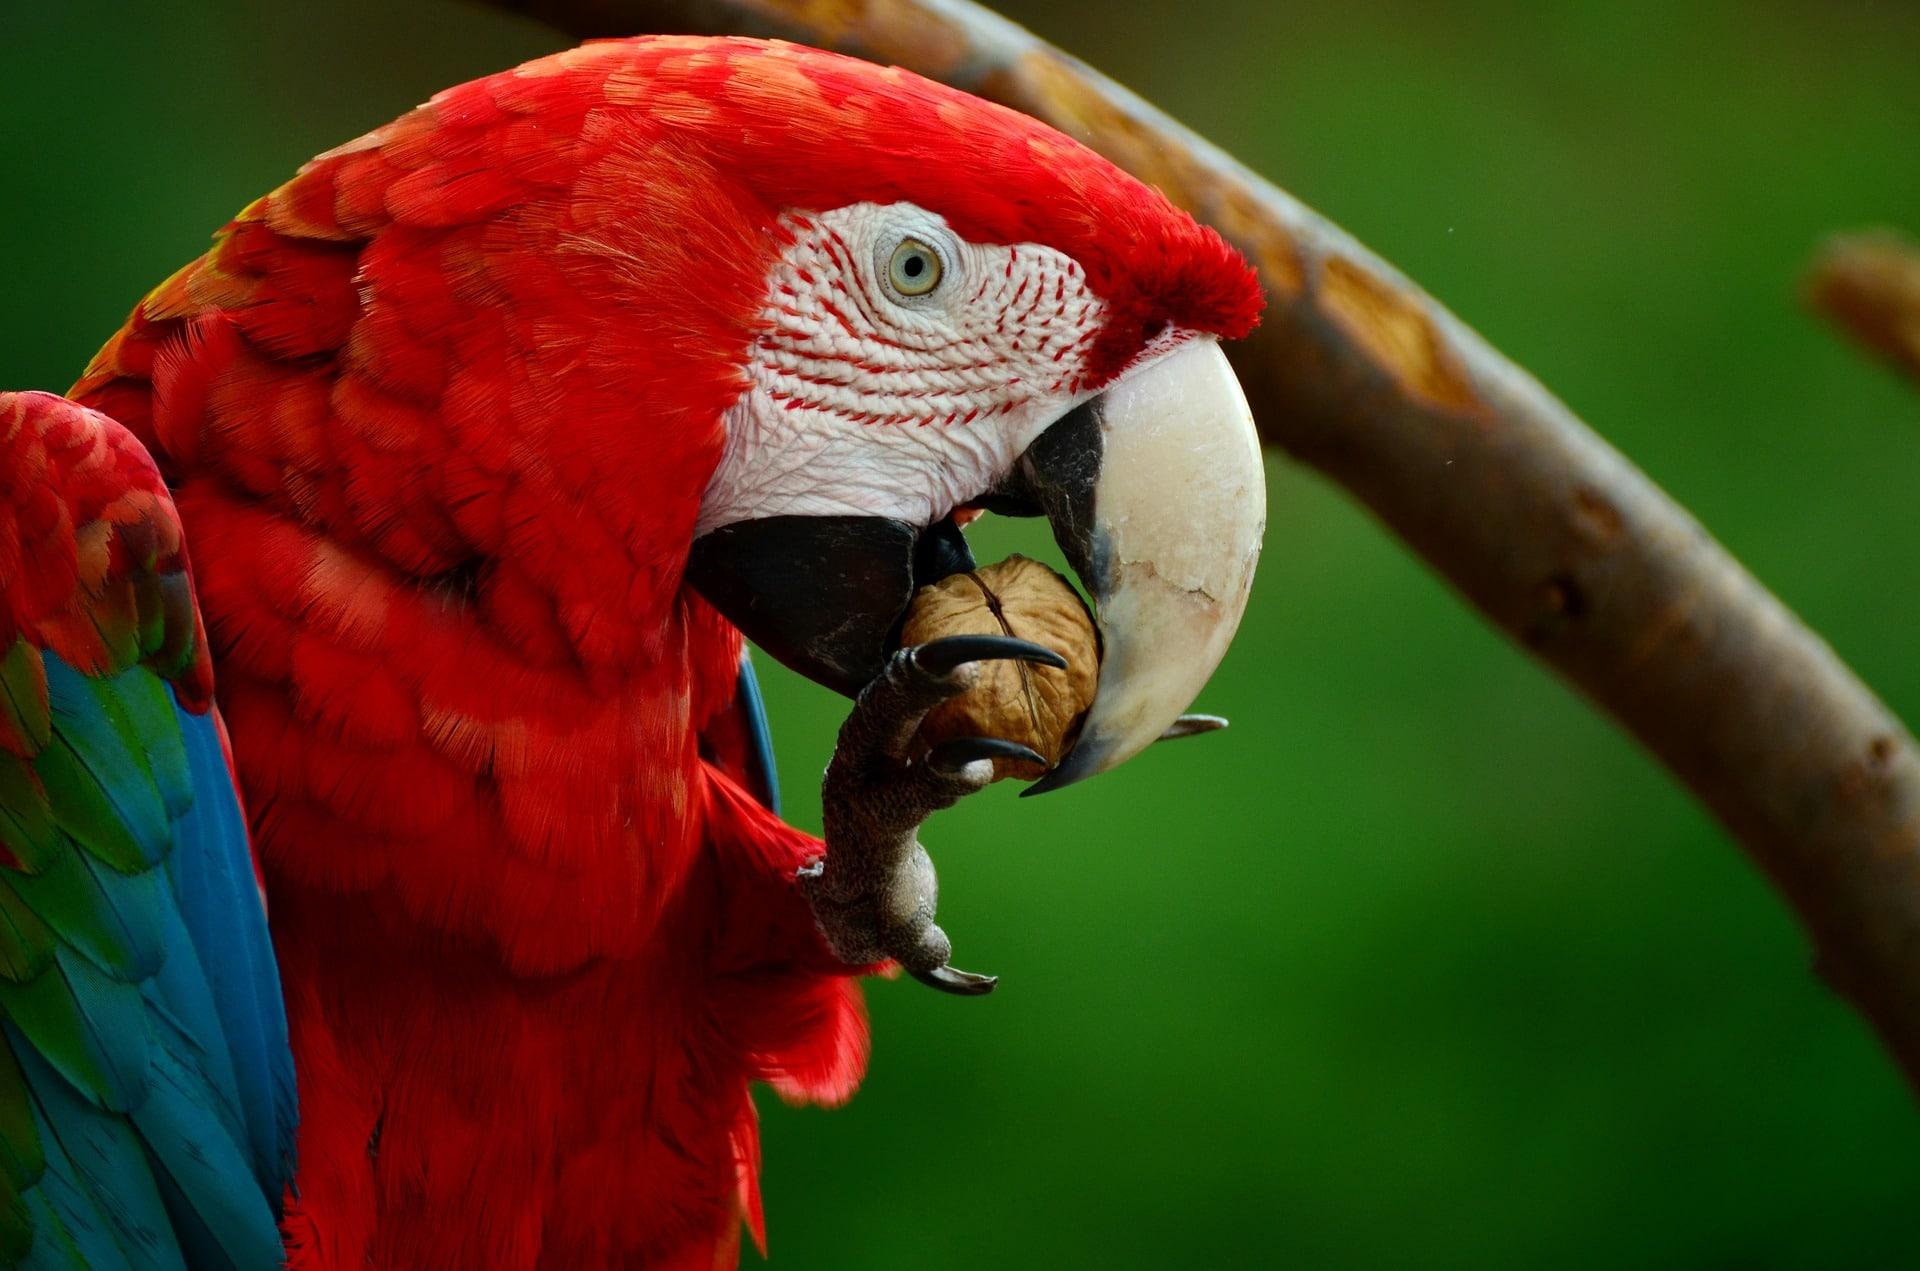 La reproducción del guacamayo rojo